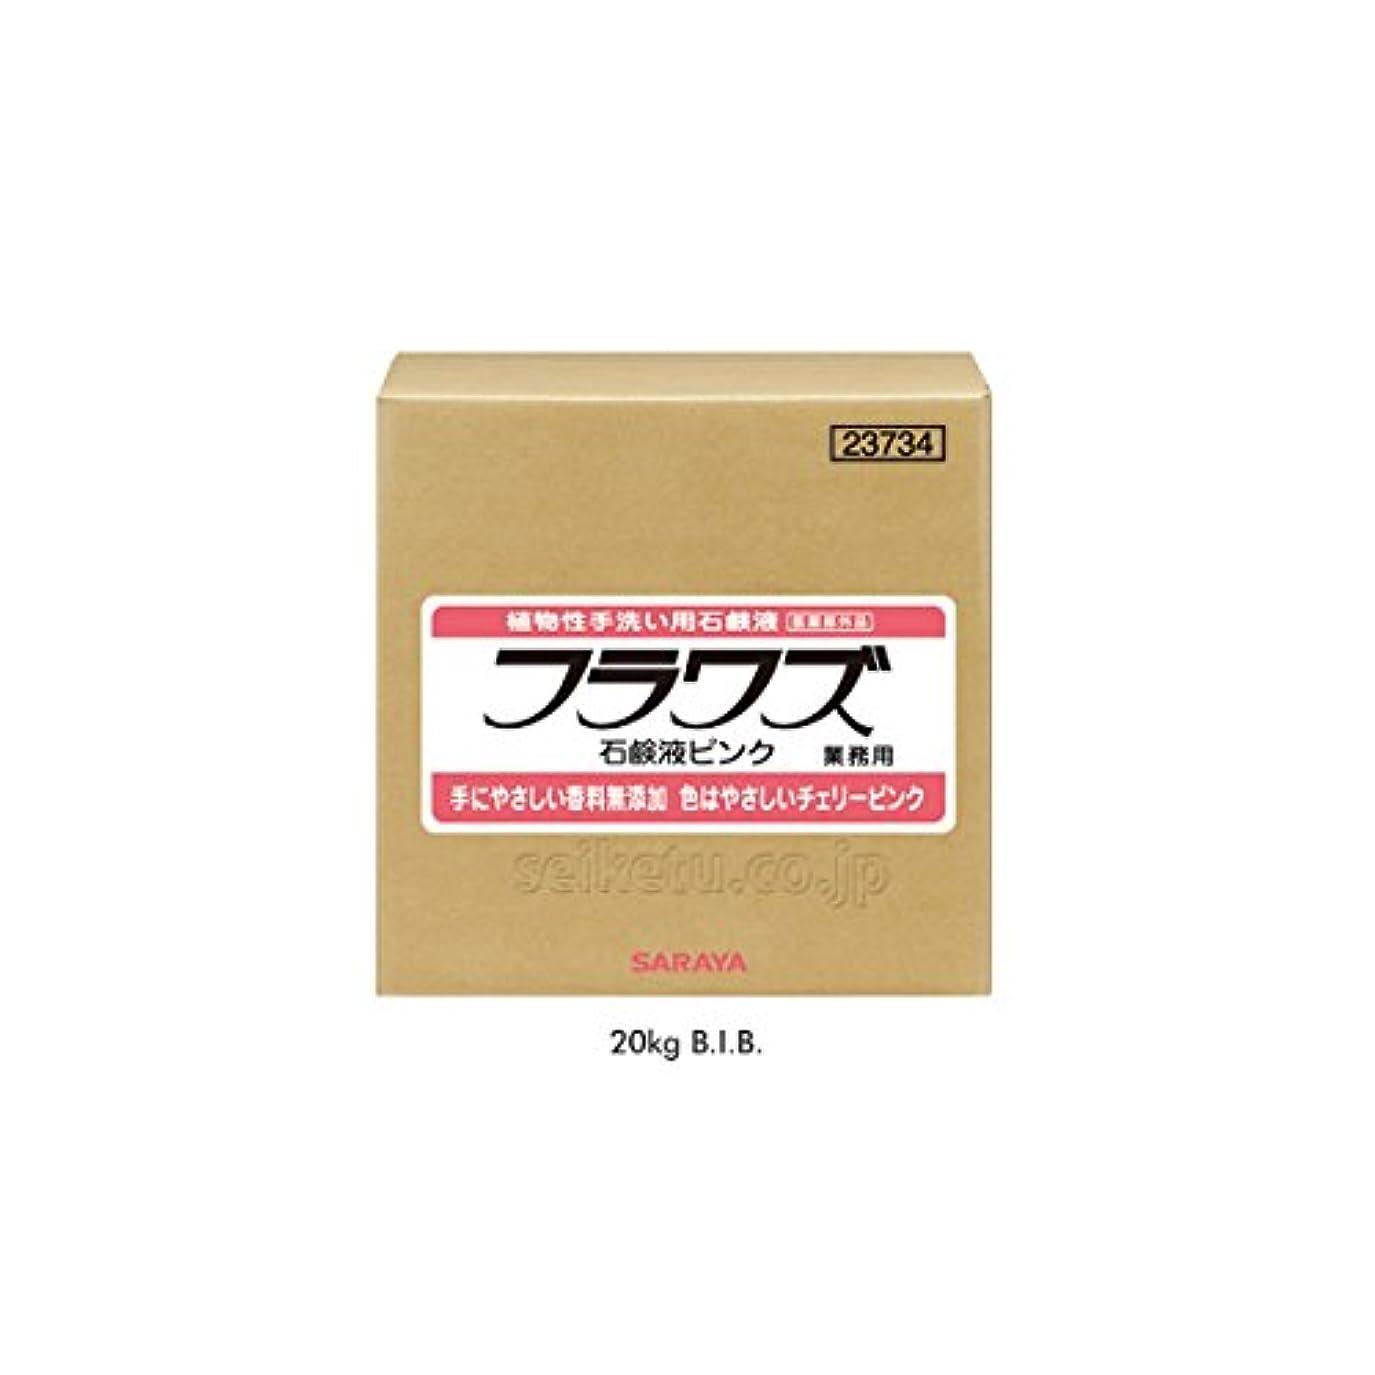 いつ操作アクセシブル【清潔キレイ館】サラヤ フラワズ石鹸液ピンク(20kg)